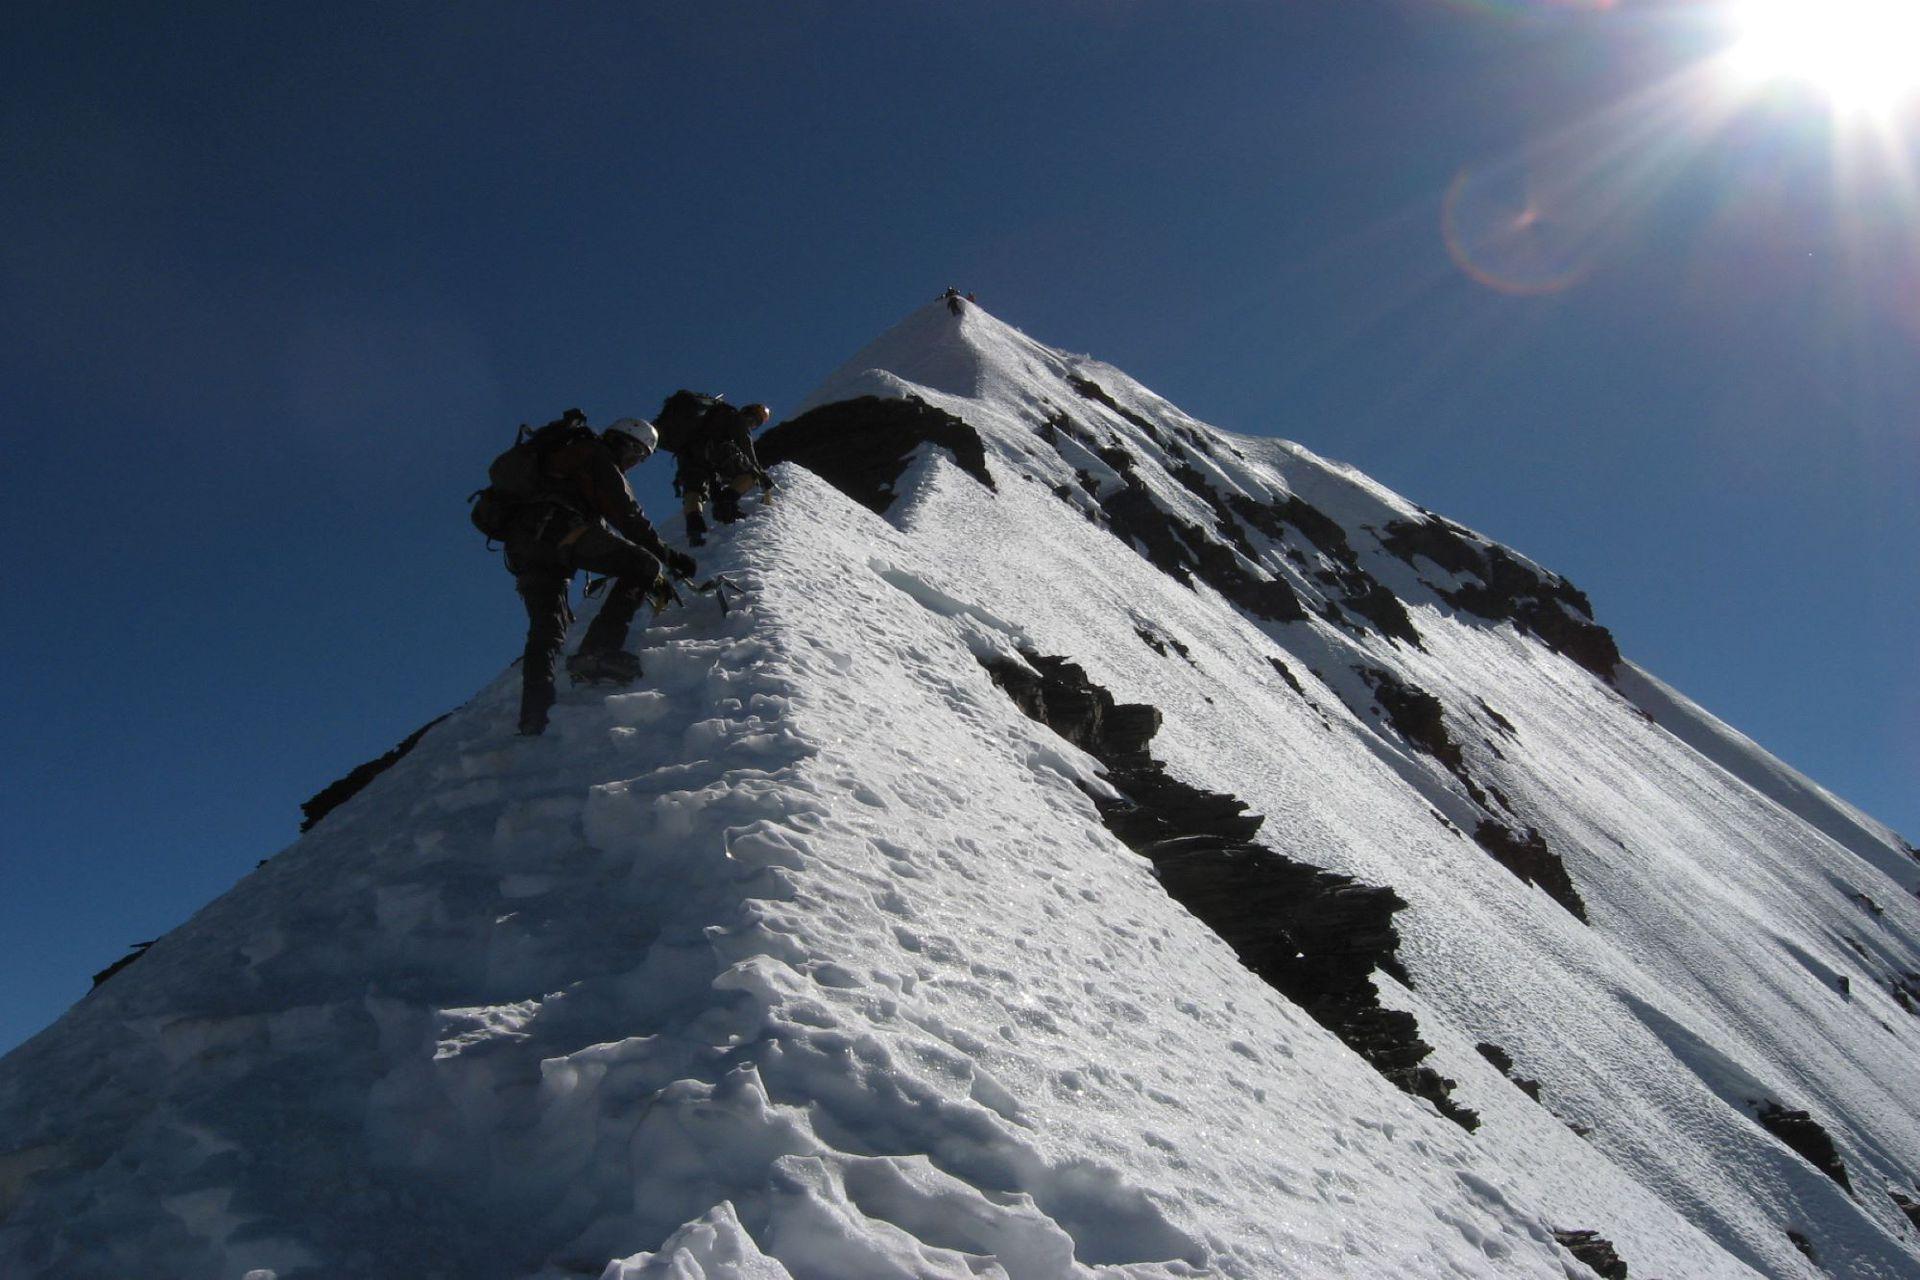 Con nieve, el duro ascenso al Condoriri en Bolivia